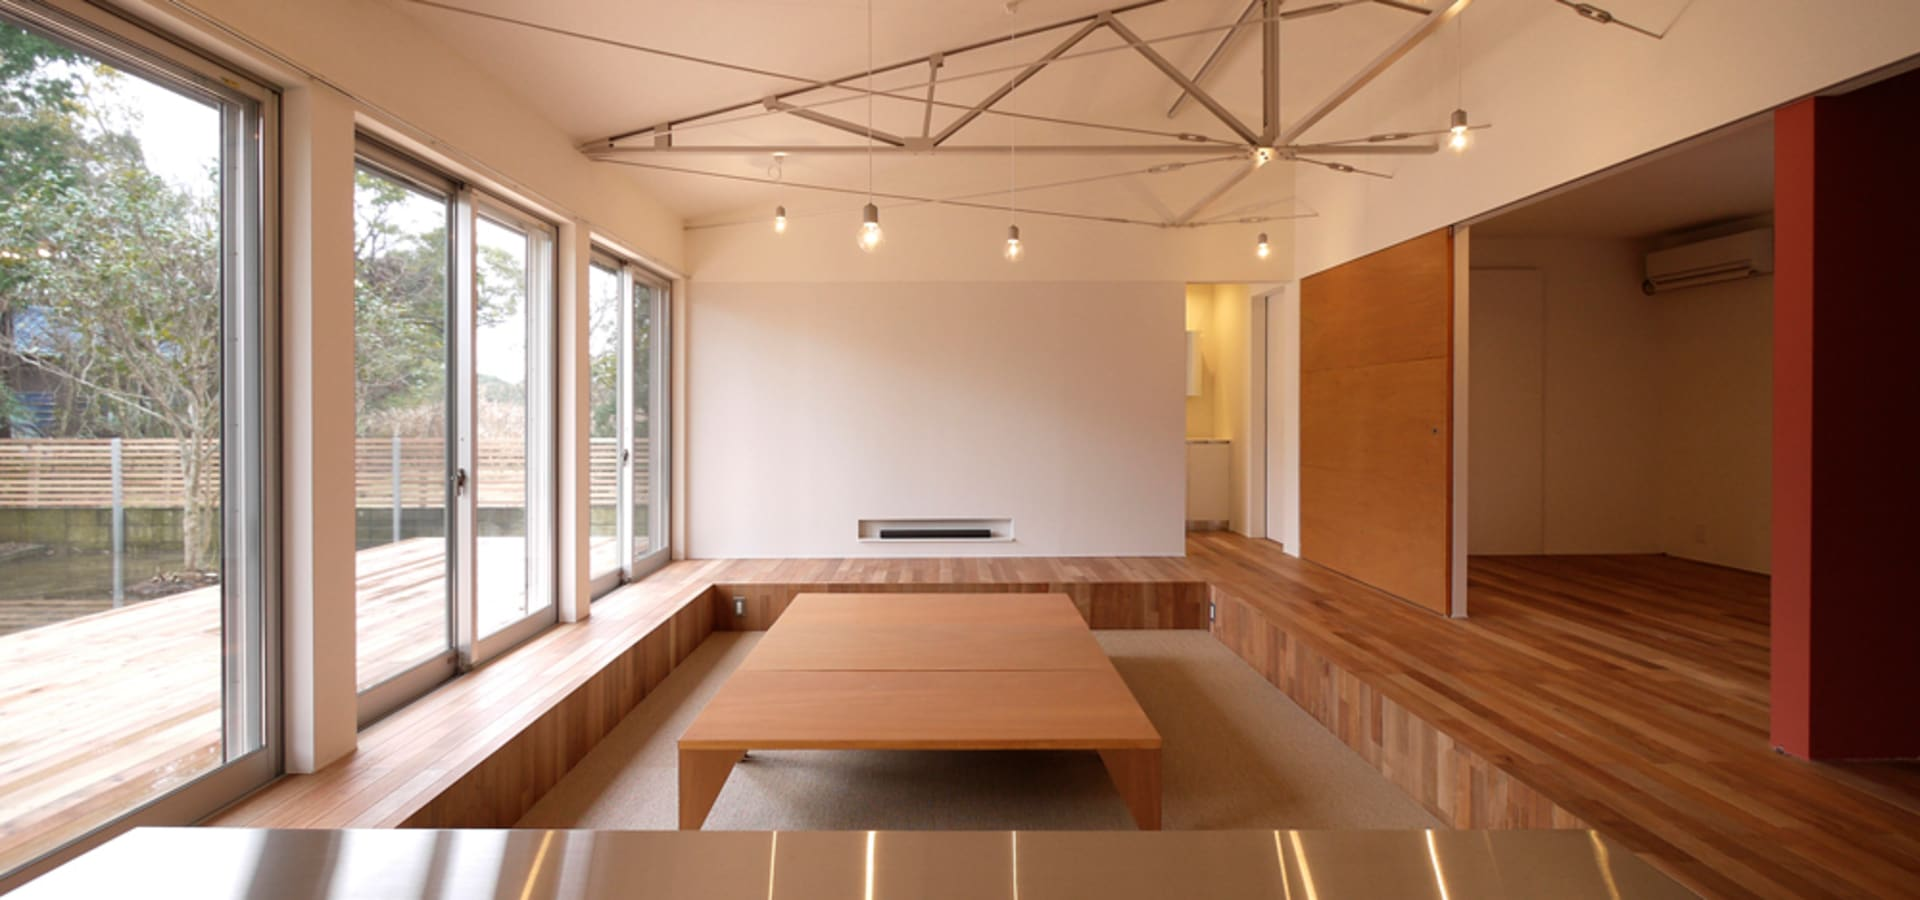 krew Architects.inc